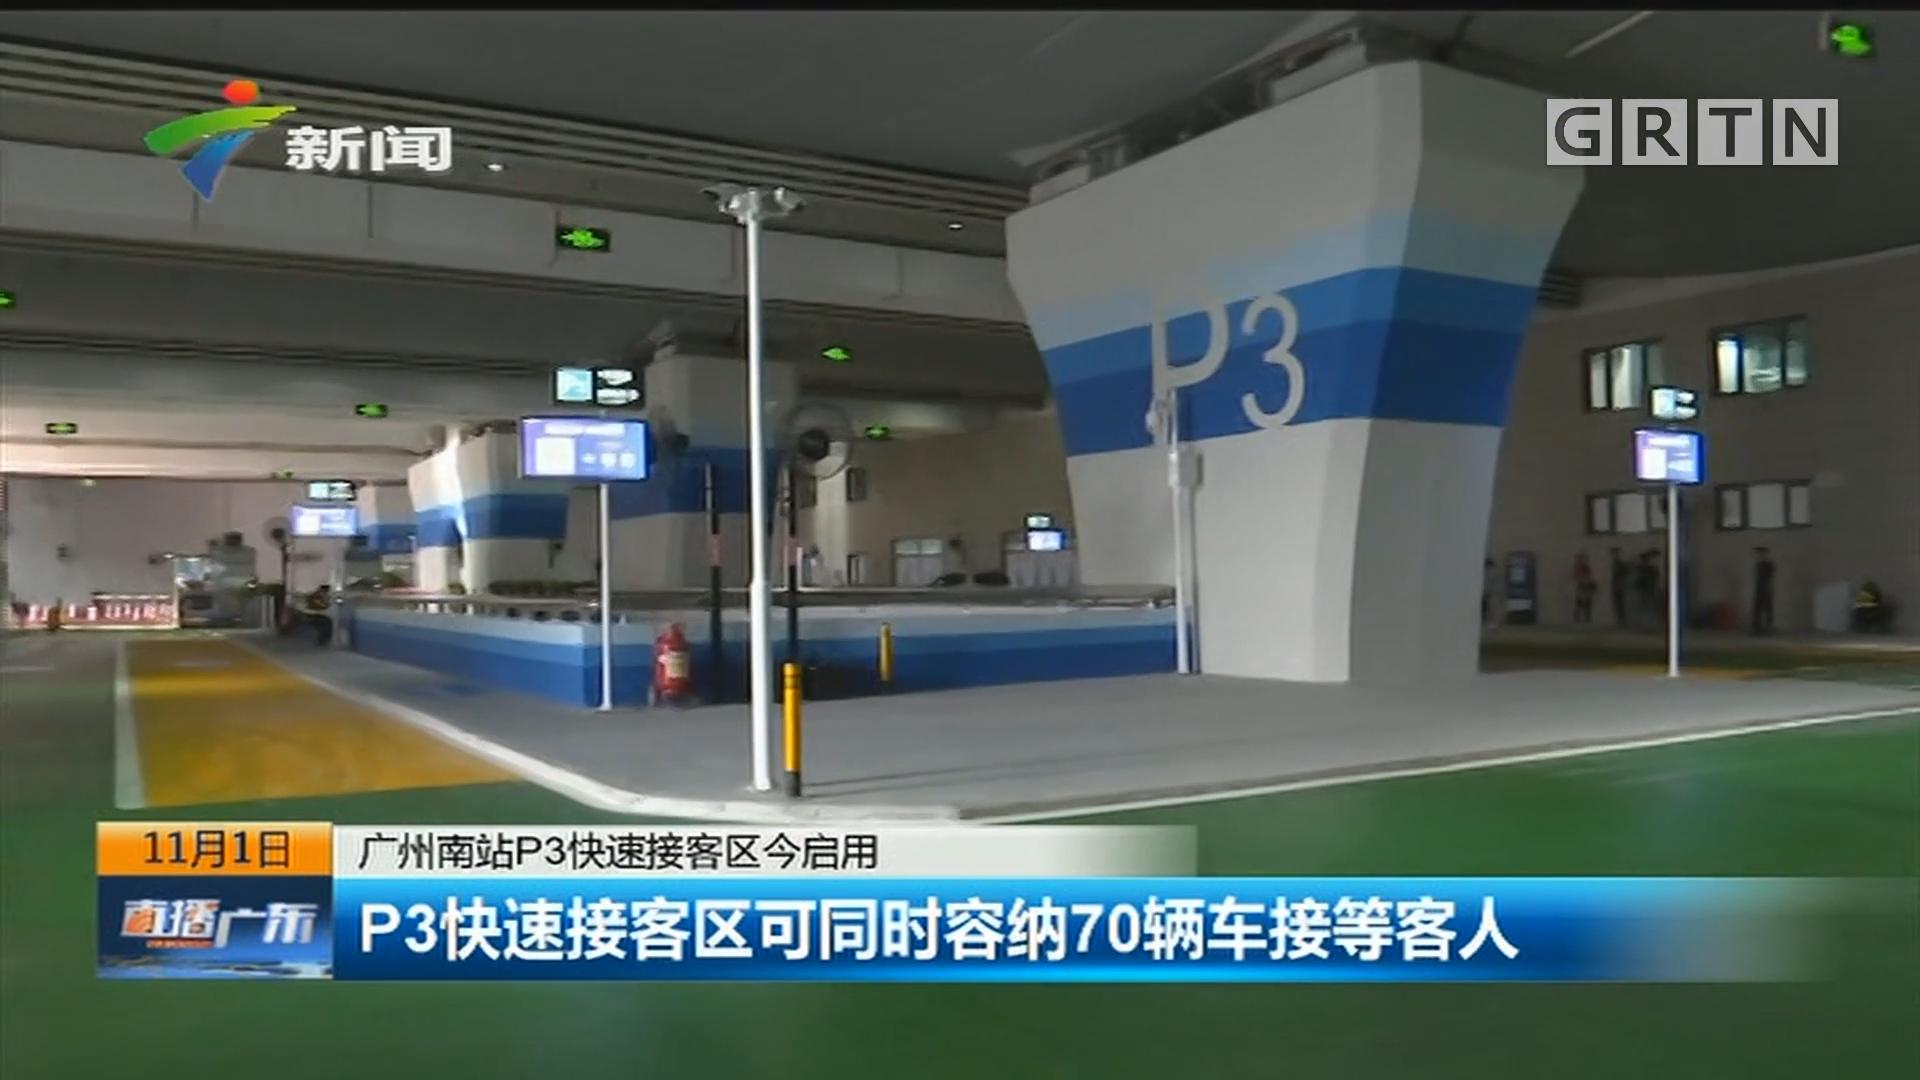 广州南站P3快速接客区今启用:P3快速接客区可同时容纳70辆车接等客人